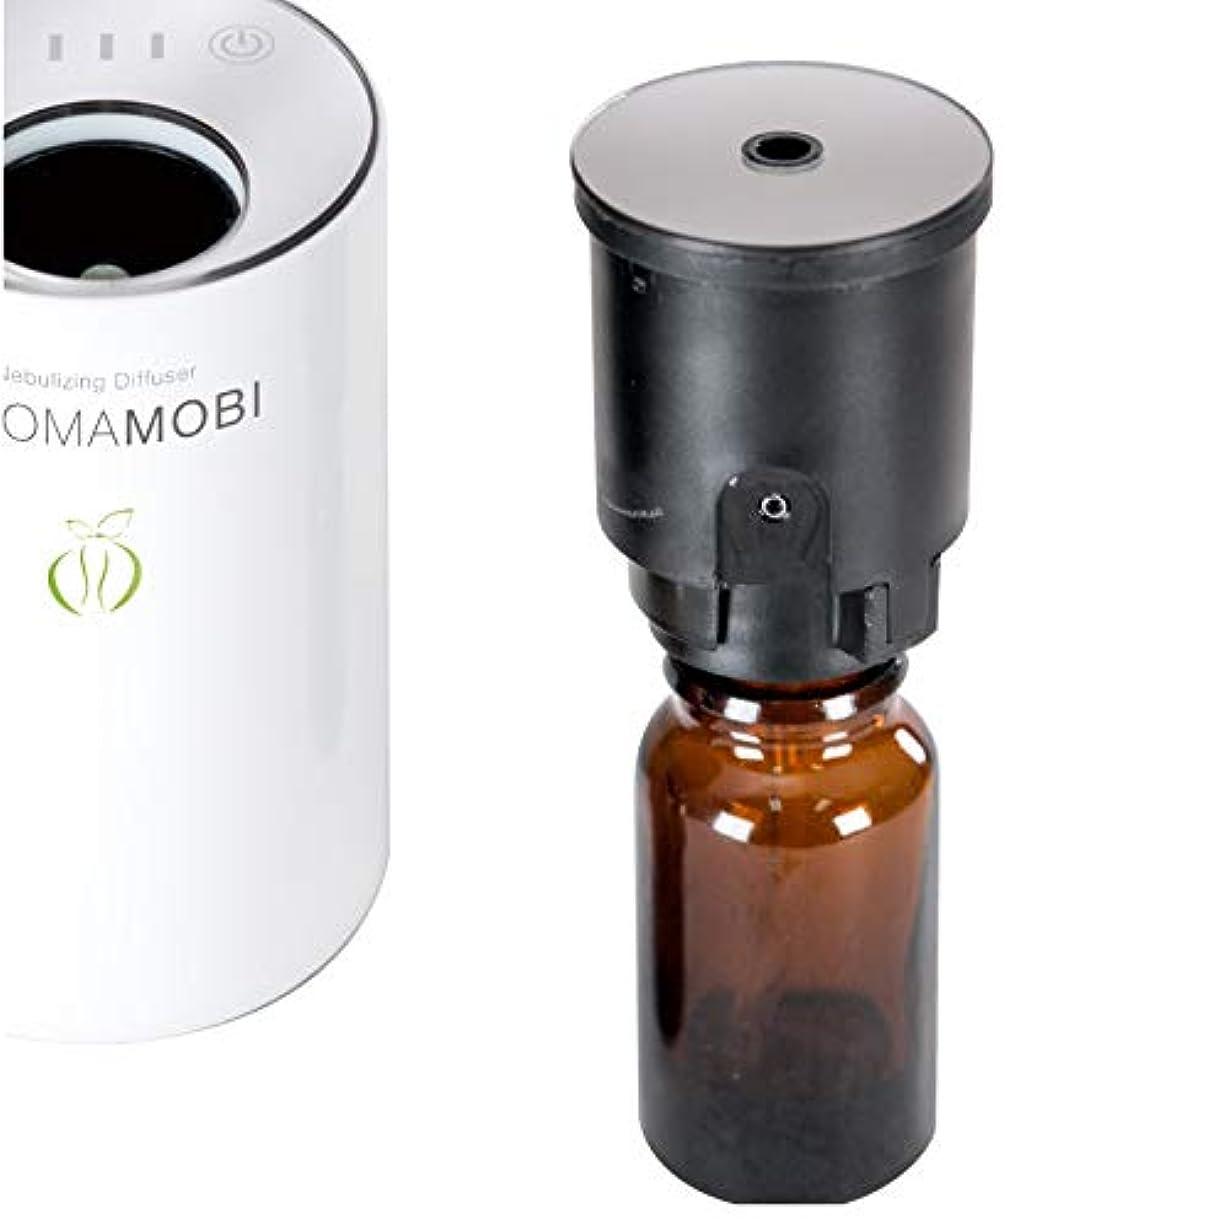 泥排気承知しましたfunks アロマモビ 専用 交換用 ノズル ボトルセット aromamobi アロマディフューザー